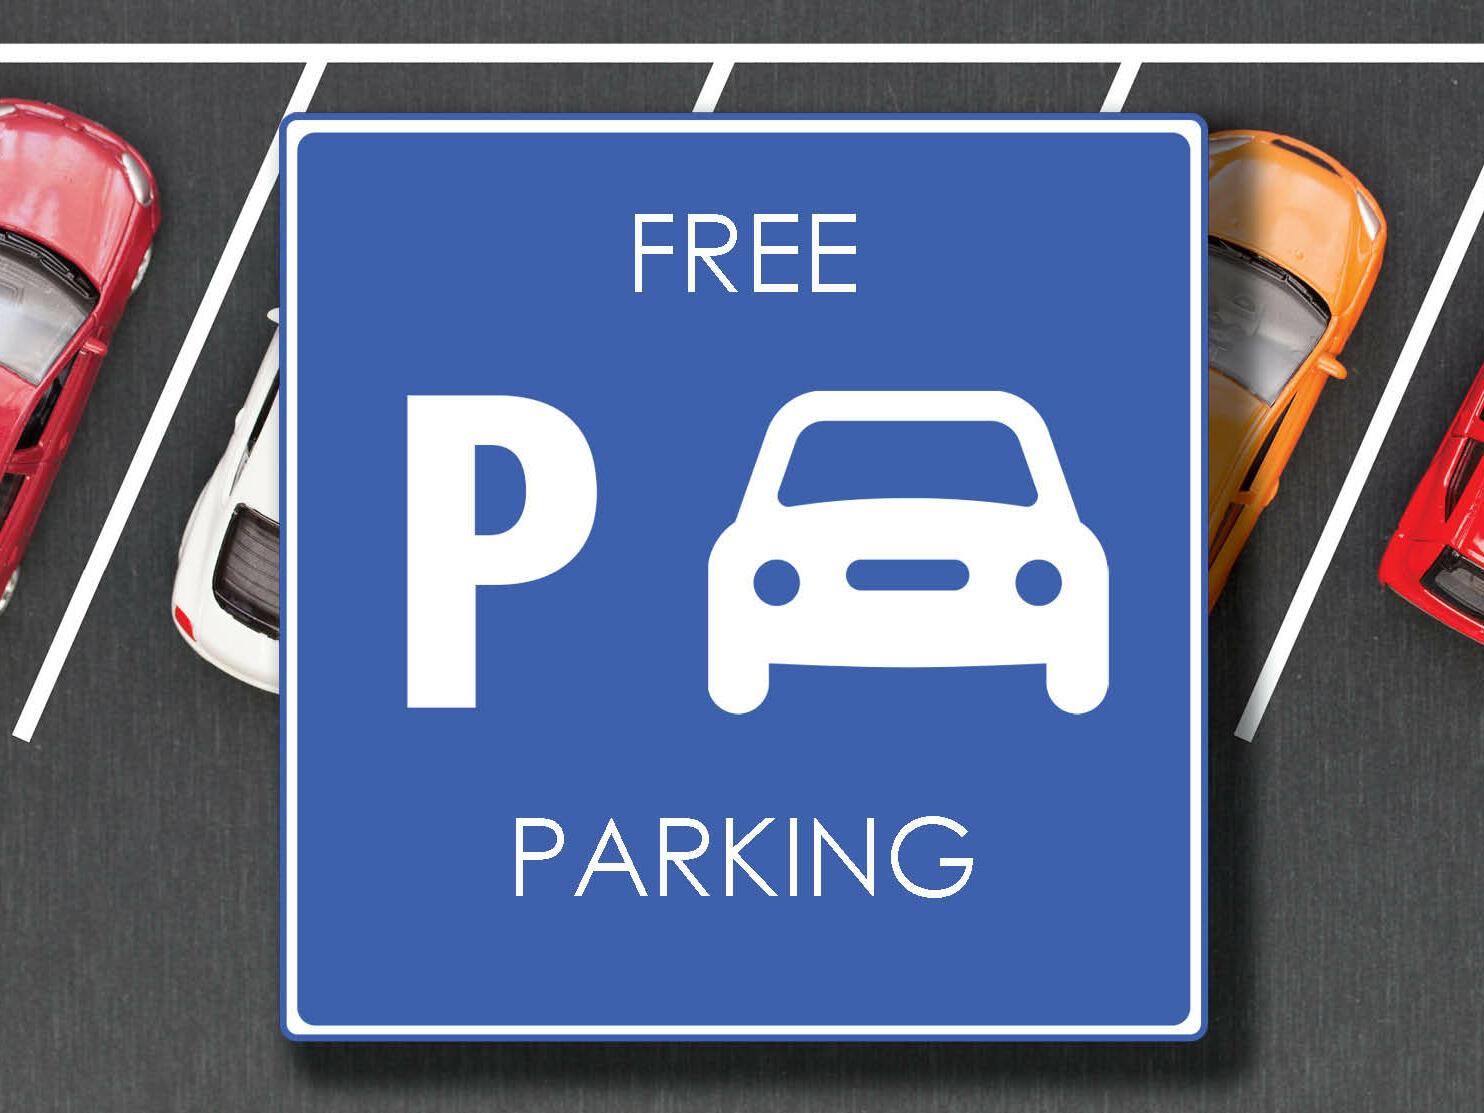 Image of Free parking